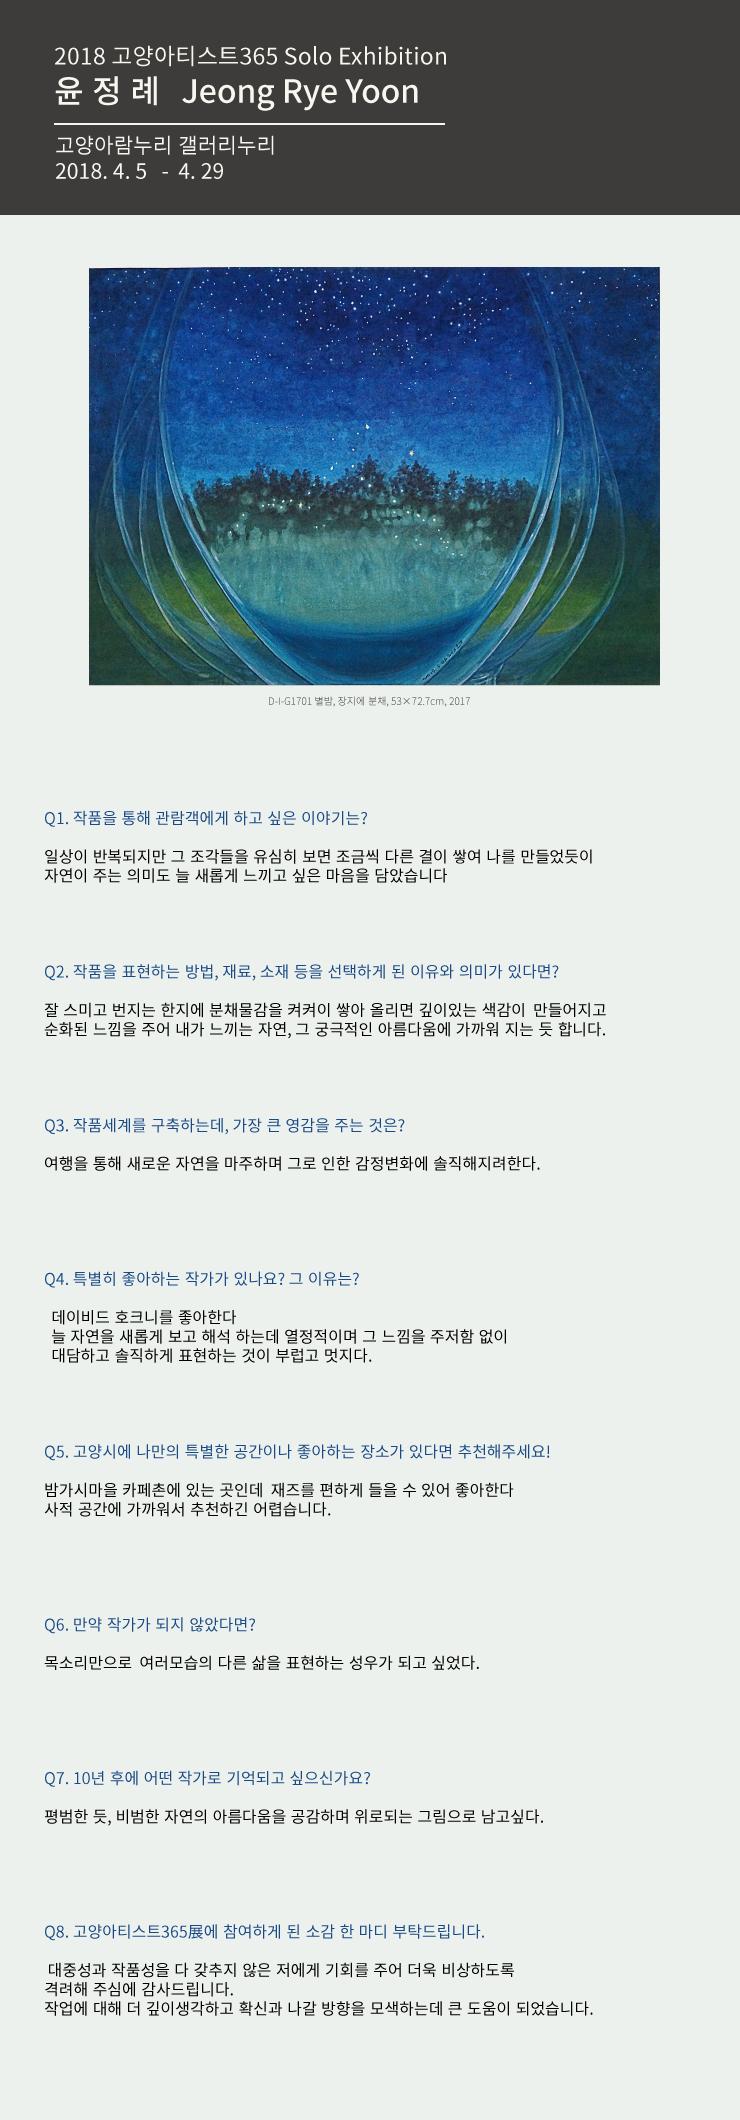 [2018 고양아티스트365 Solo展] - 윤정례작가 QNA